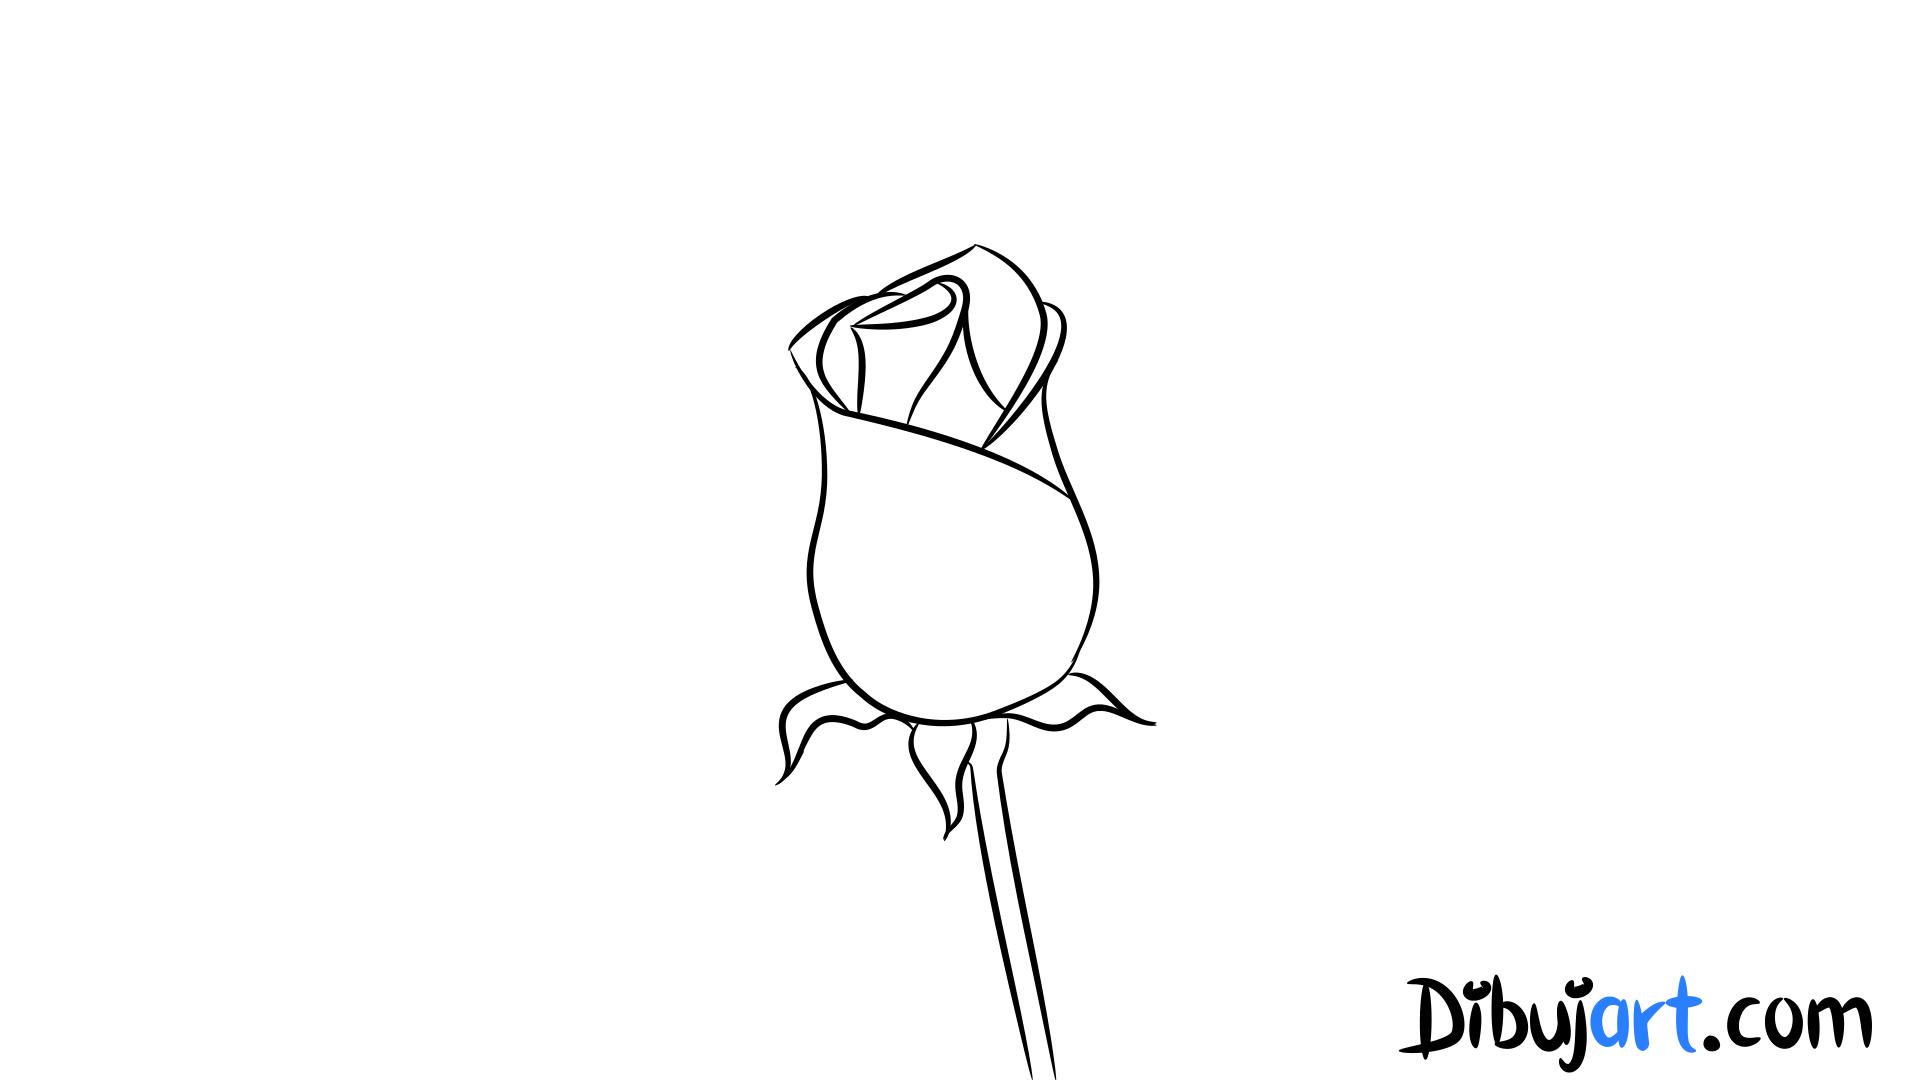 Cómo Dibujar Una Rosa Roja Romántica 5 Dibujos De Rosas Rojas